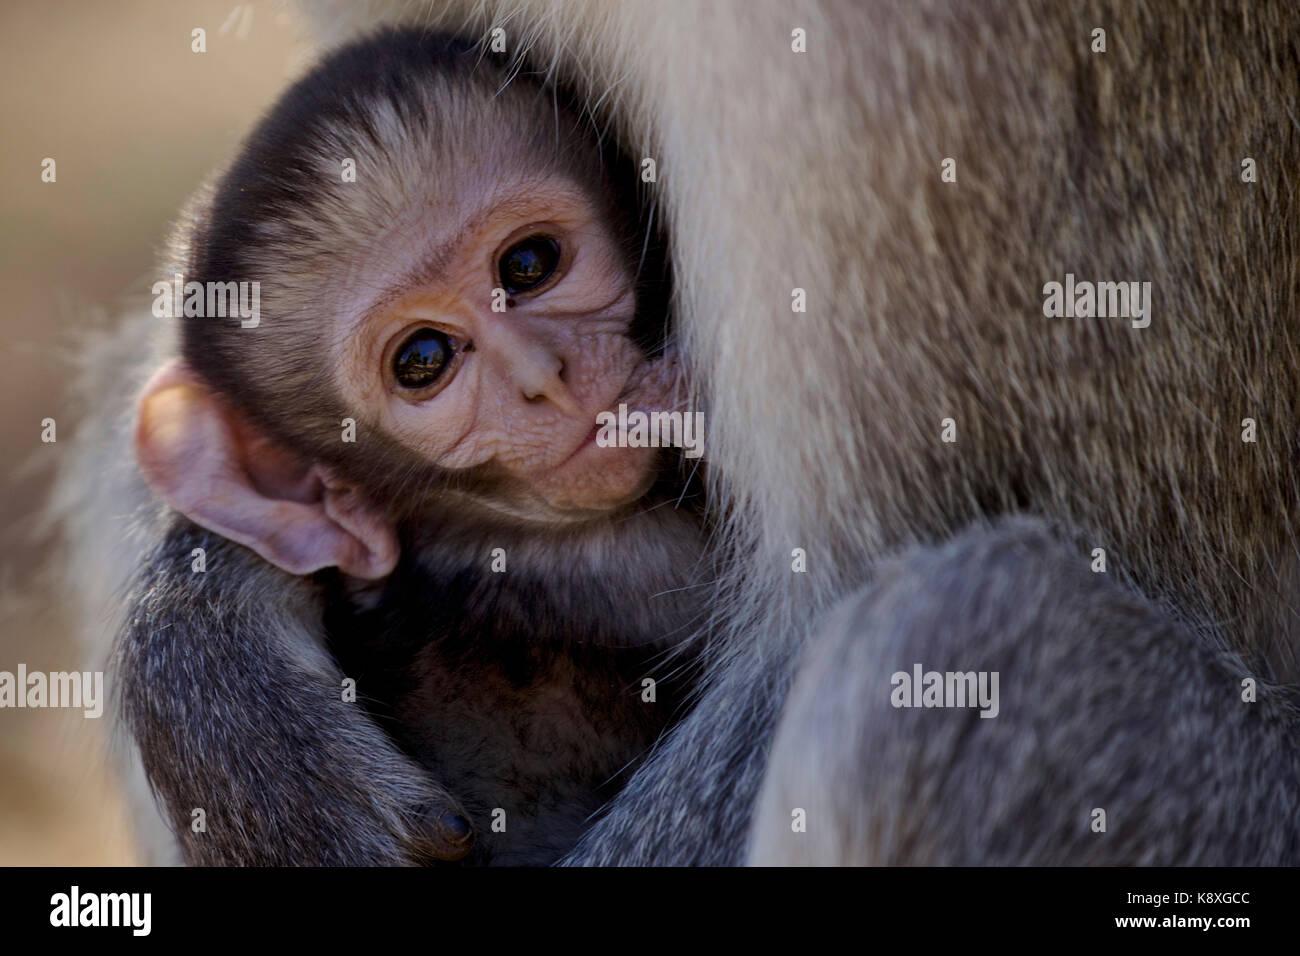 L'heure du déjeuner pour un bébé singe (Afrique) Photo Stock